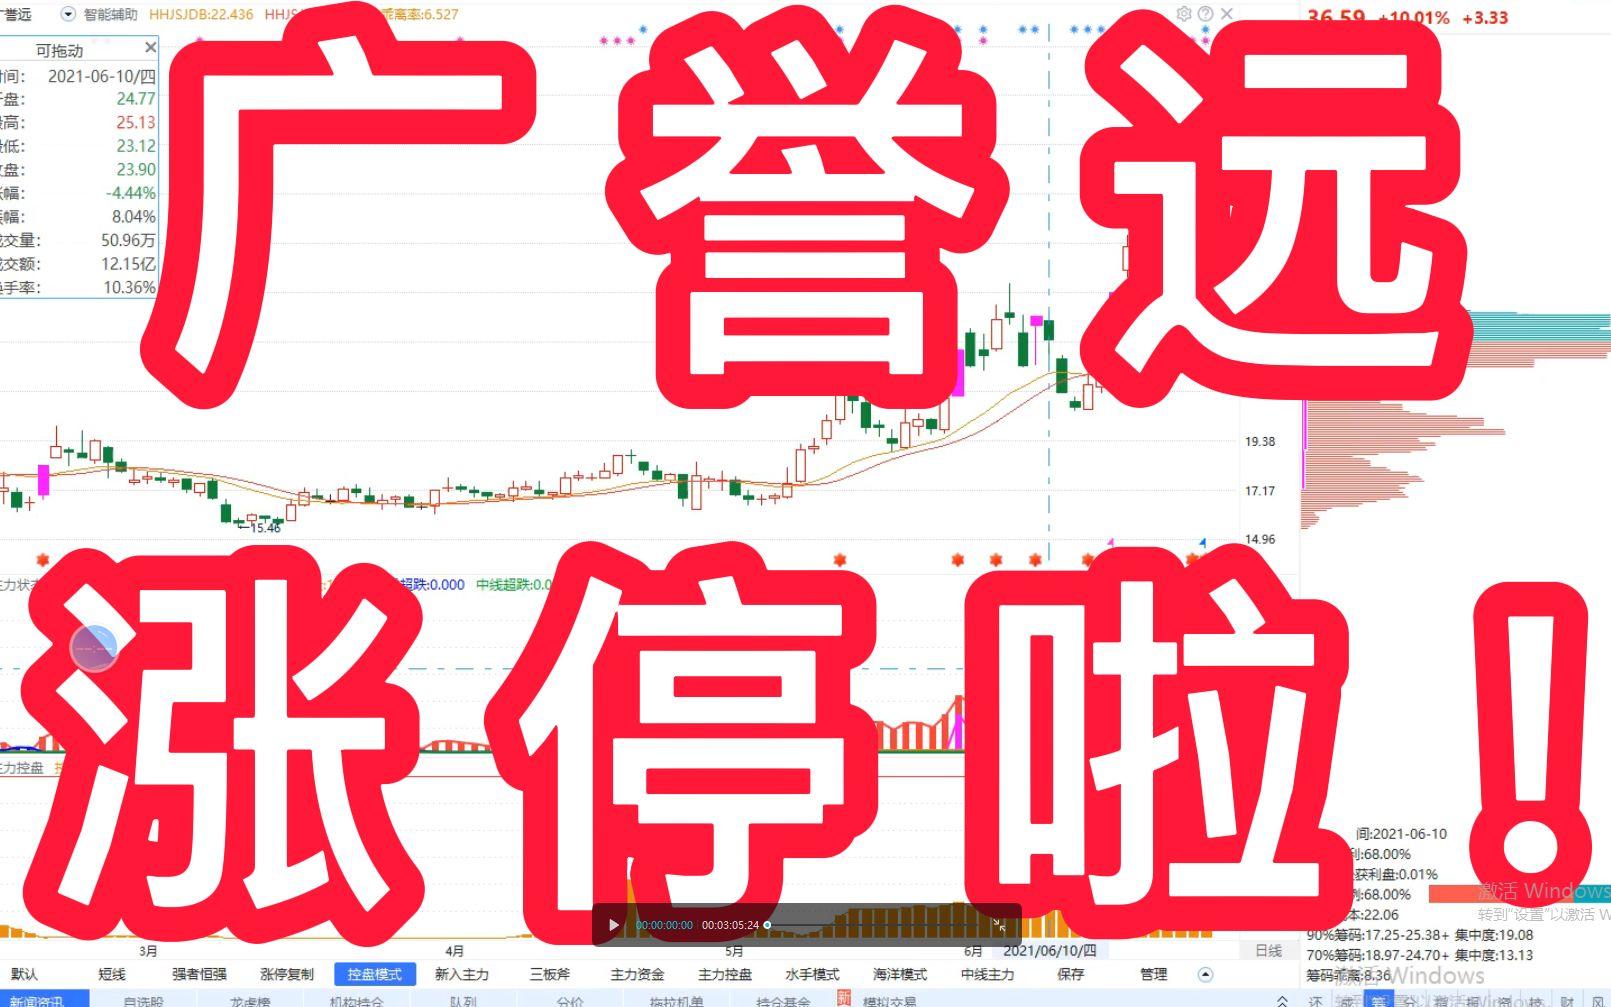 广誉远:涨停啦,主力资金抬头,控盘增加,中线趋势持续给力,注意短期回调风险!